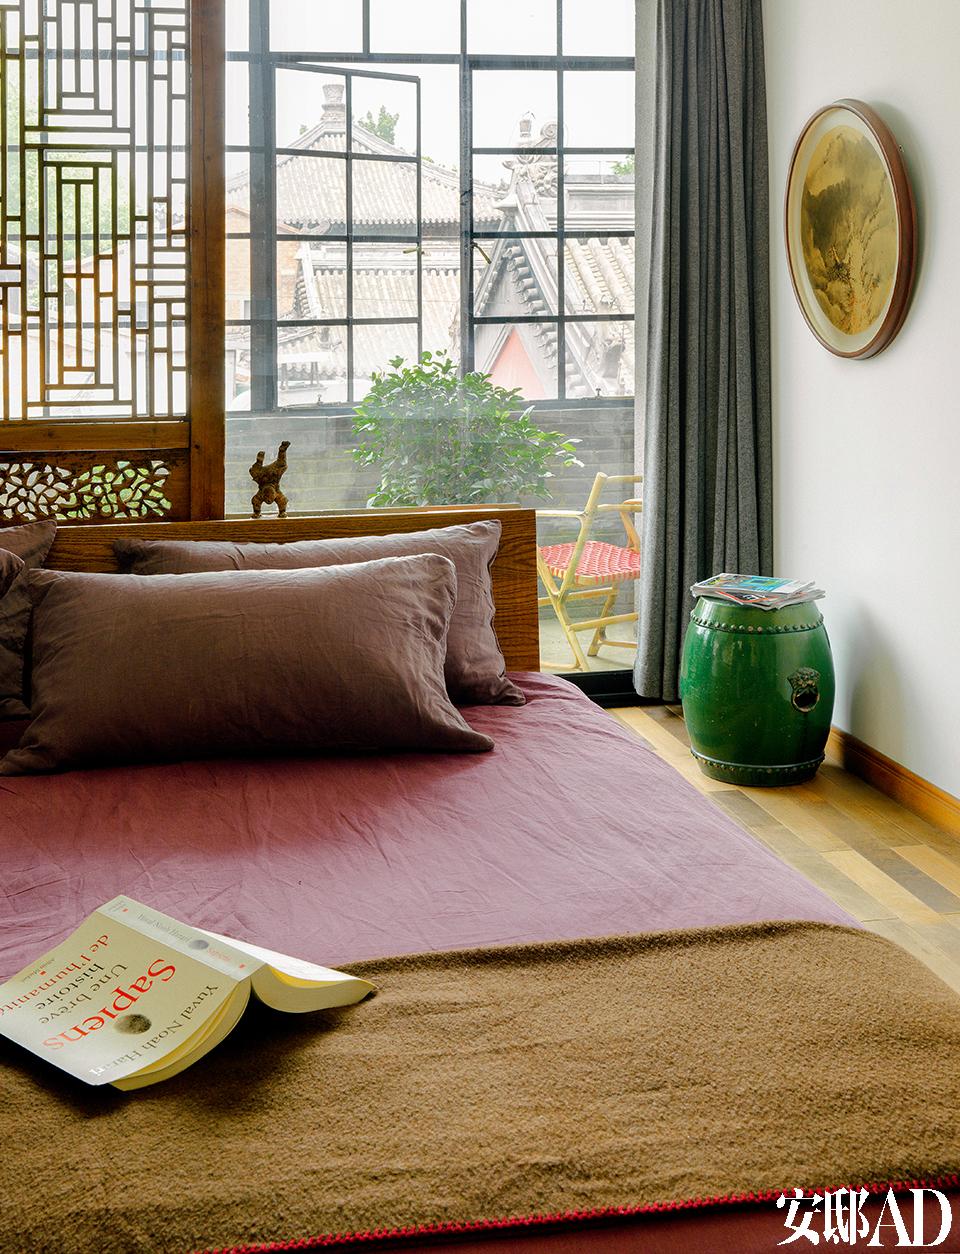 卧室的地毯是纯手工制作的,来自加德满都。墙上的水墨画是南京艺术家张晓夏的作品,这幅作品以前就有,但是没有挂起来。